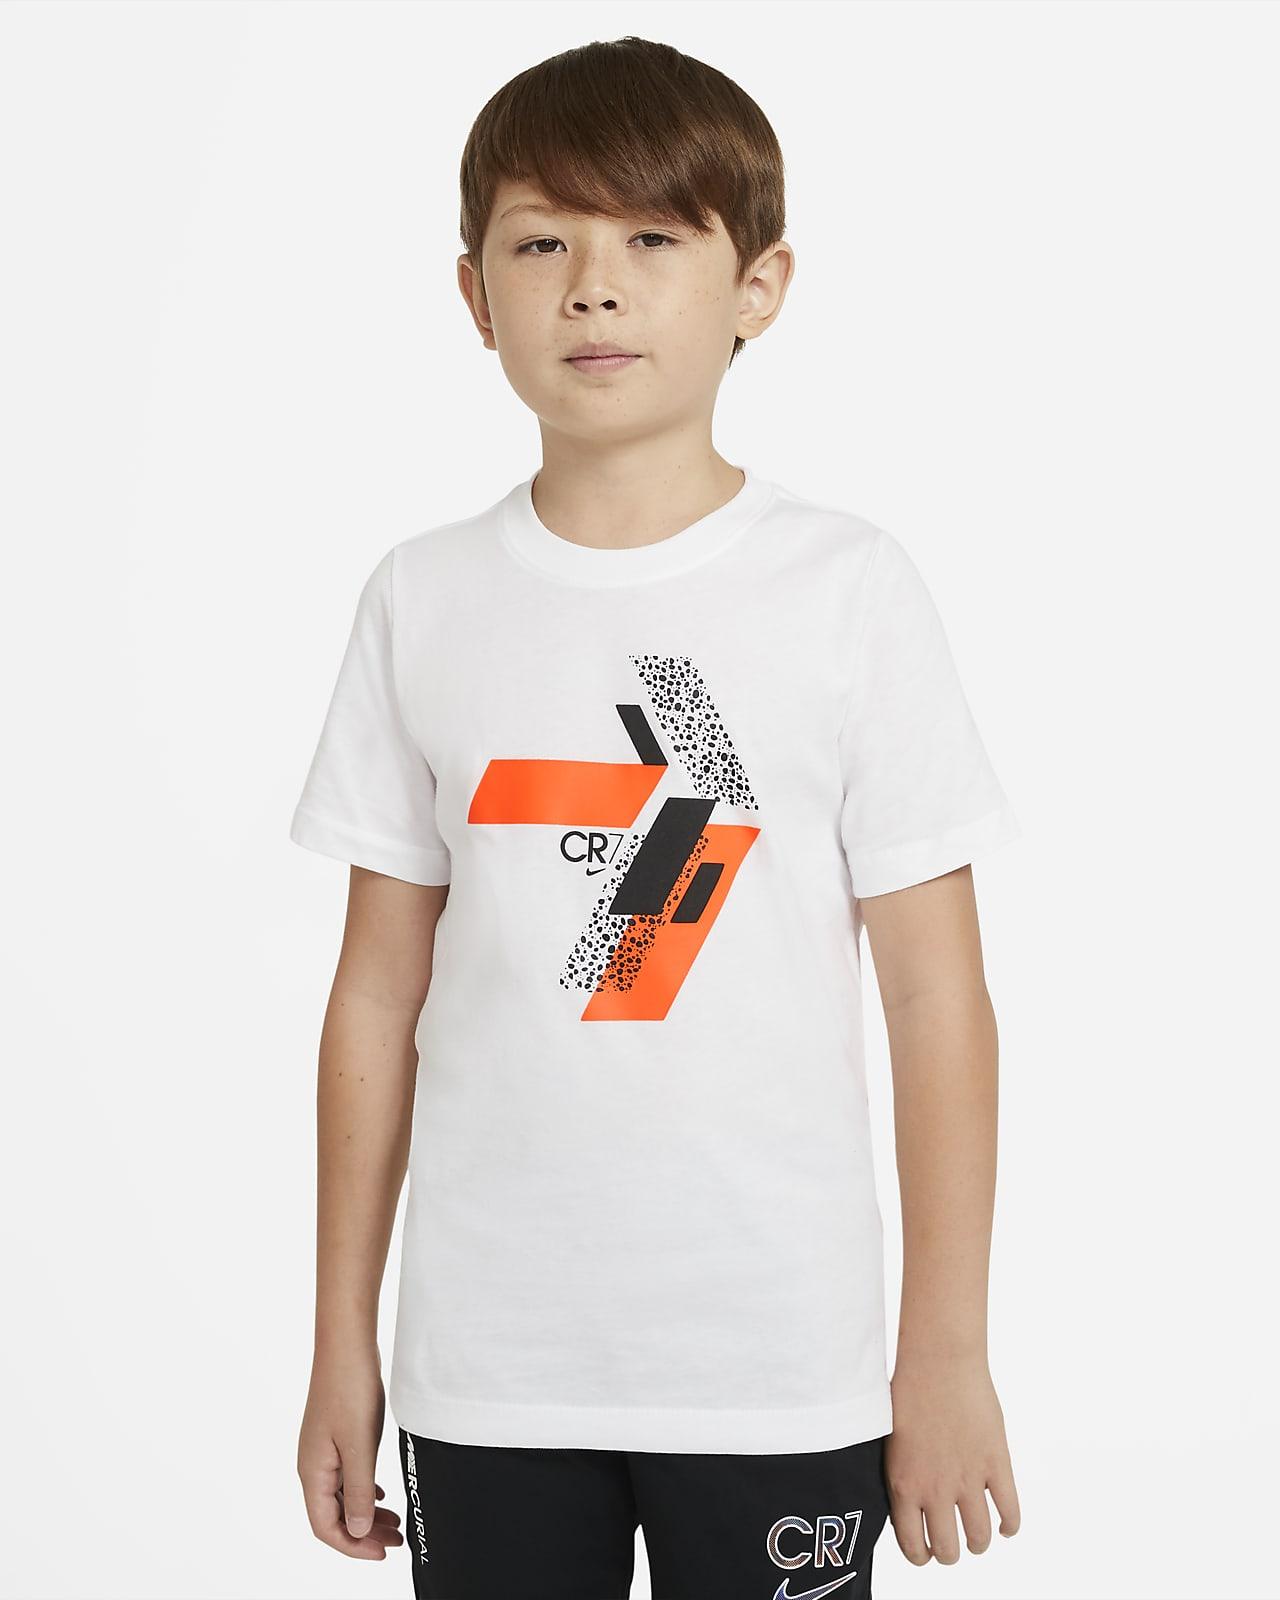 เสื้อยืดฟุตบอลเด็กโต CR7